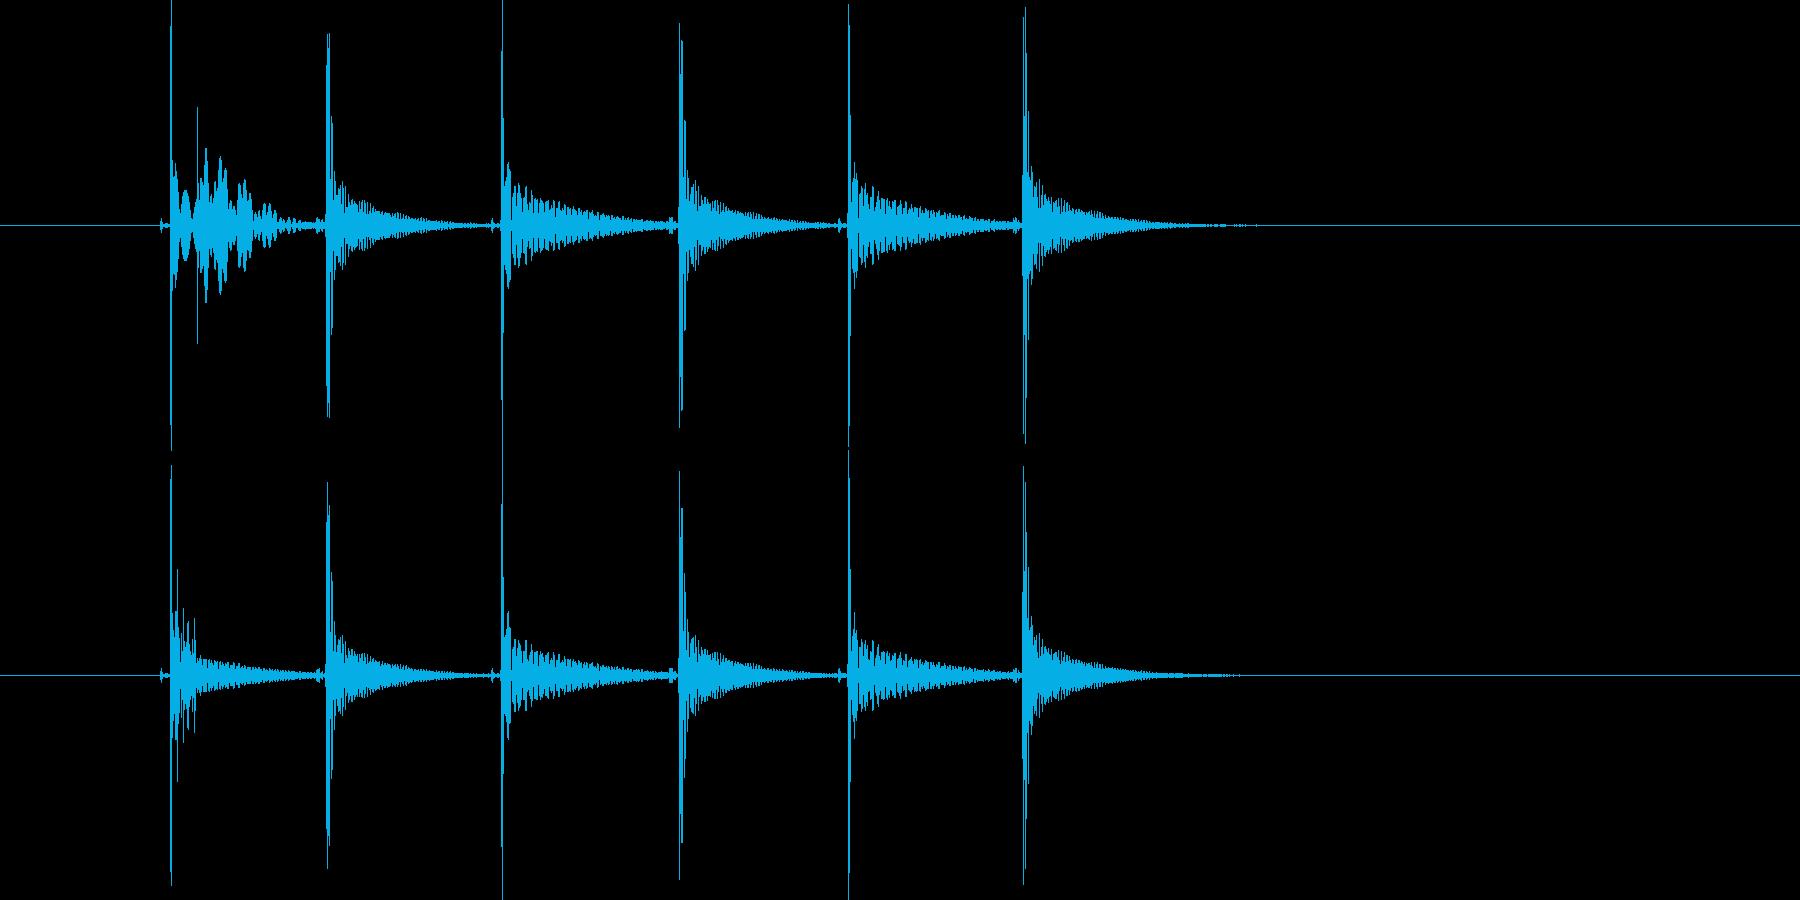 ピッチョンピッチョン(コミカル)の再生済みの波形